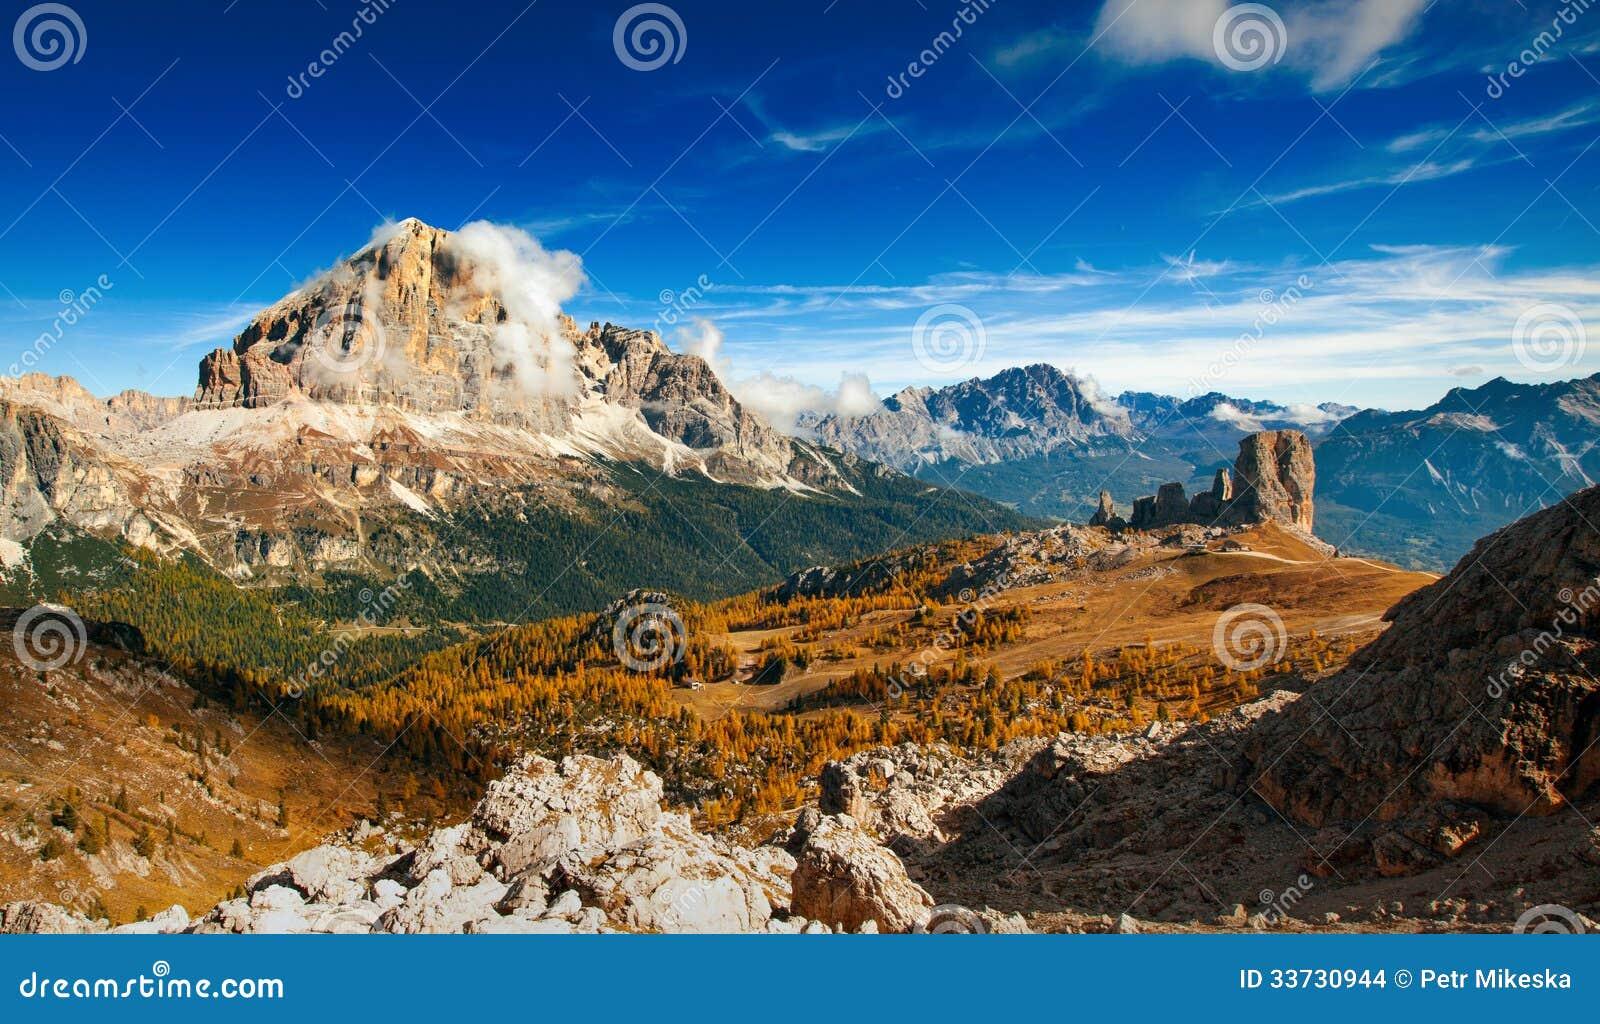 Итальянское dolomiti - горы ofhigh панорамного взгляда